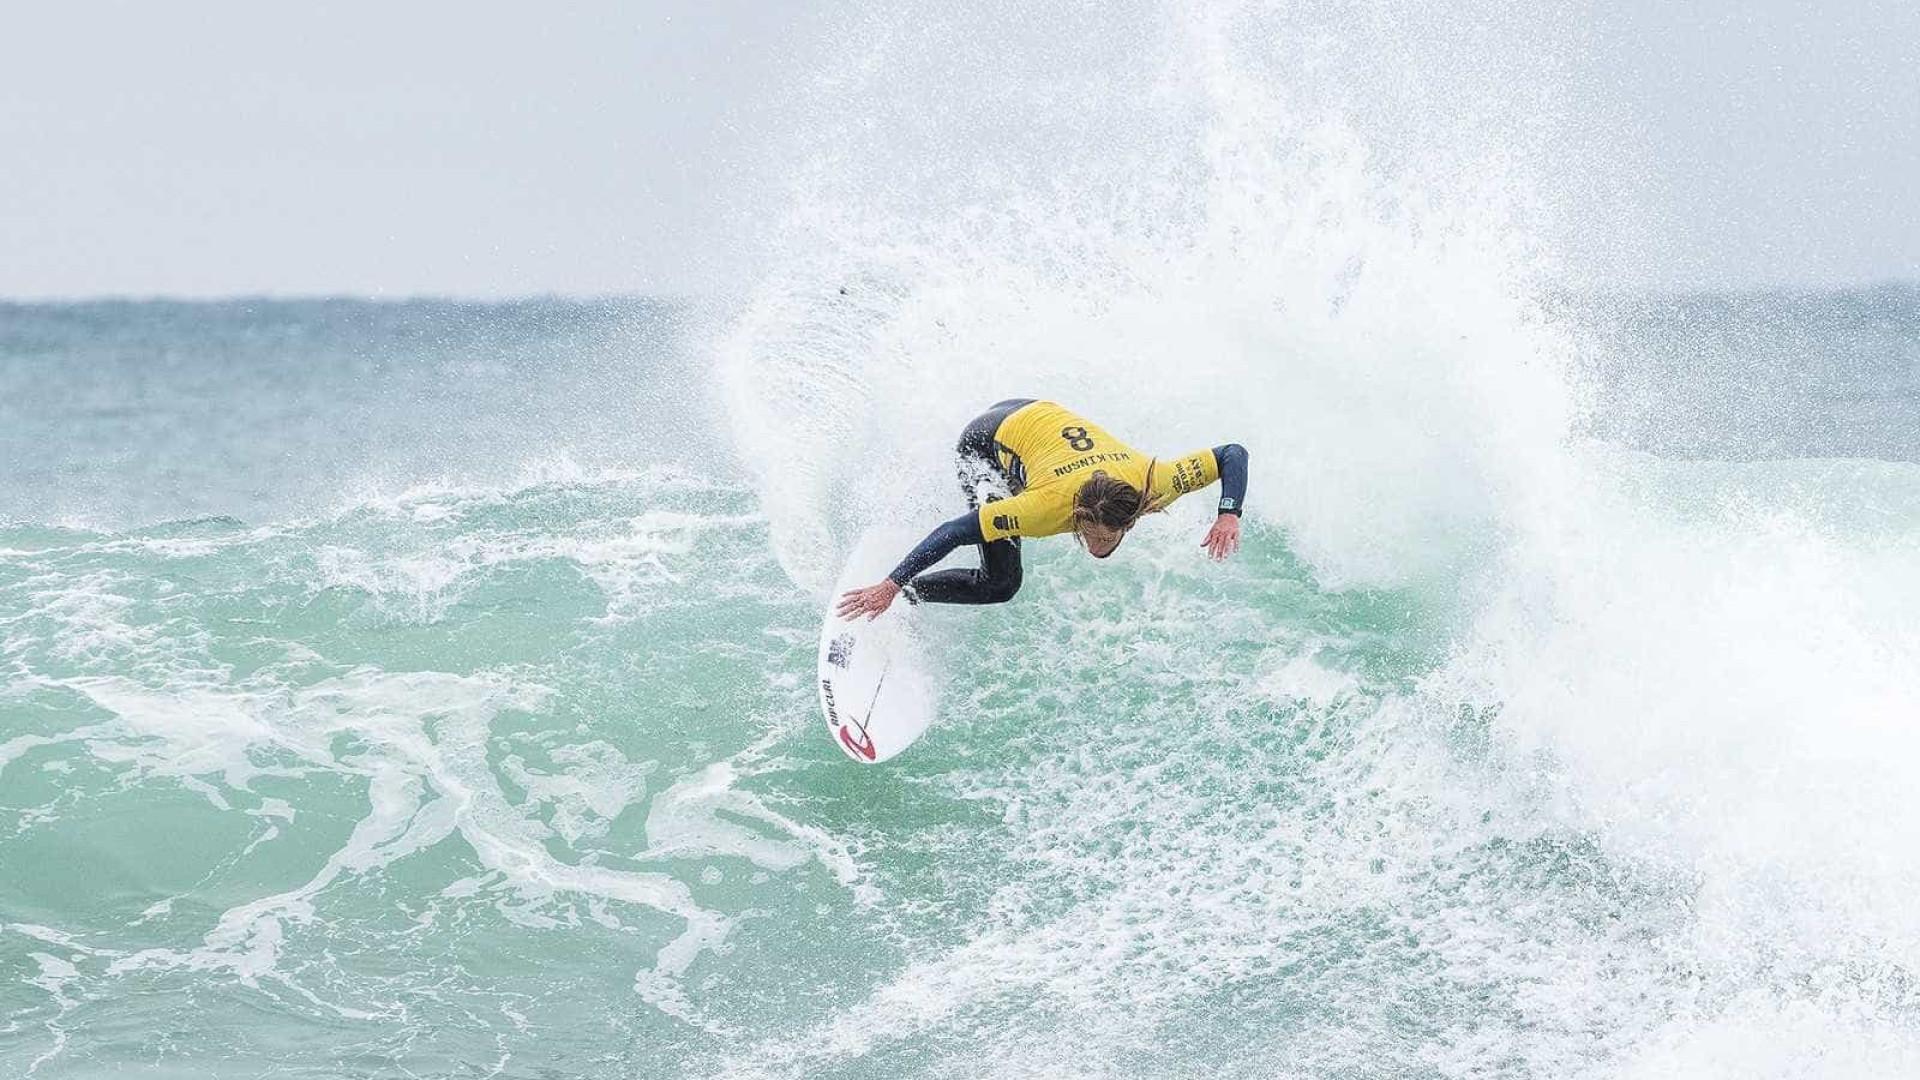 Jordy Smith e Wilkinson avançam em J-Bay; brasileiros não surfaram